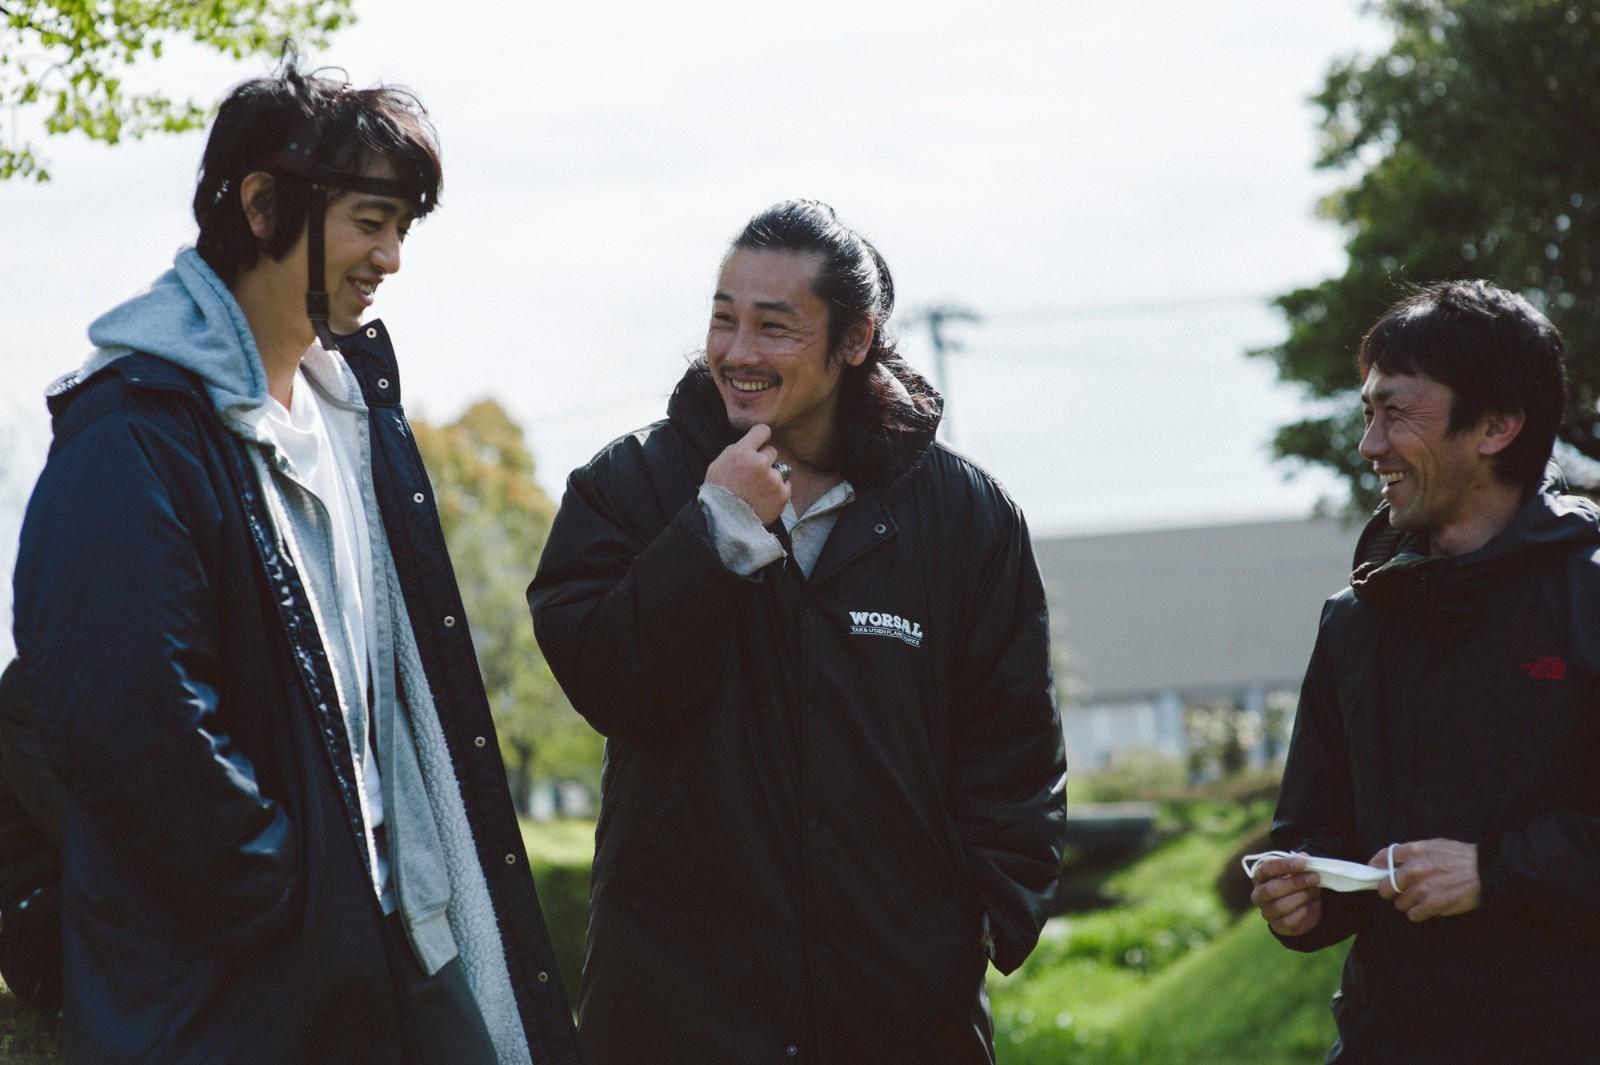 左から、斎藤工、坂口拓(TAK∴)、下村勇二監督  (C)「リボーン」製作実行委員会